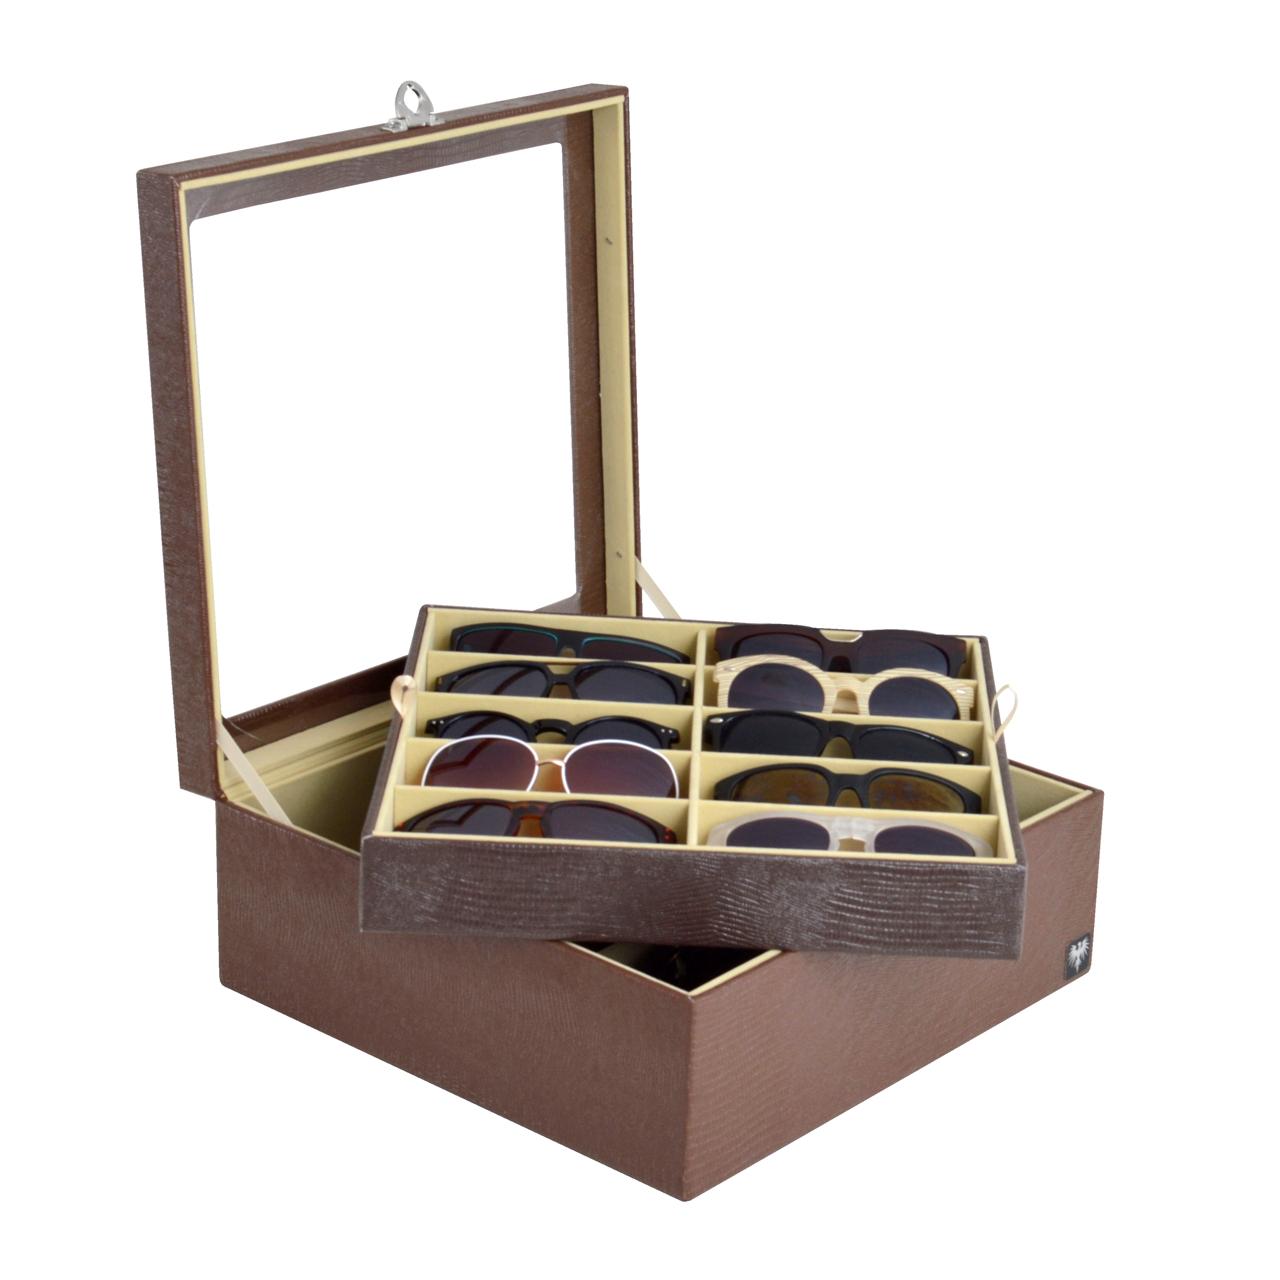 estojo-couro-ecologico-20-oculos-marrom-bege-porta-caixa-imagem-1.jpg